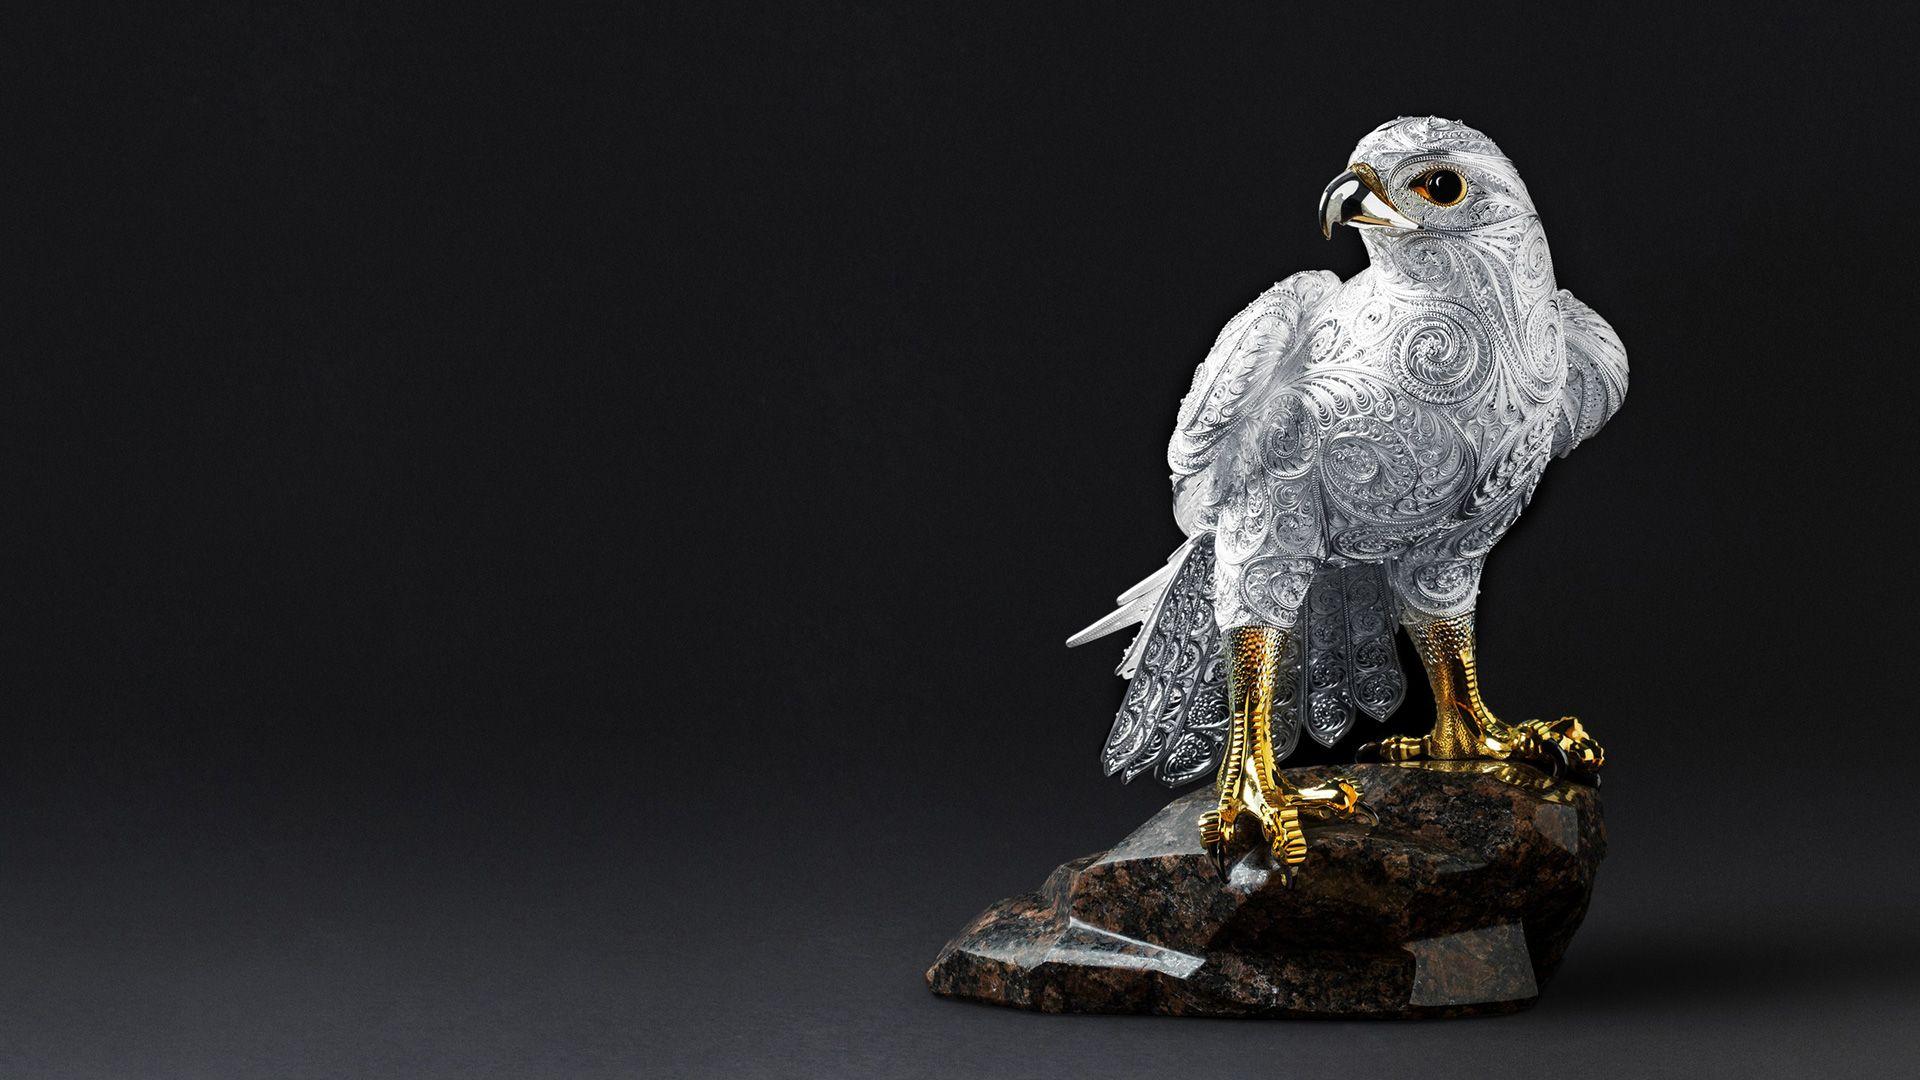 Сокол — гордая птица, символ свободы и успеха, стремления к новым высотам. Её совершенная природная красота и грация стали вдохновением для мастеров SOKOLOV.